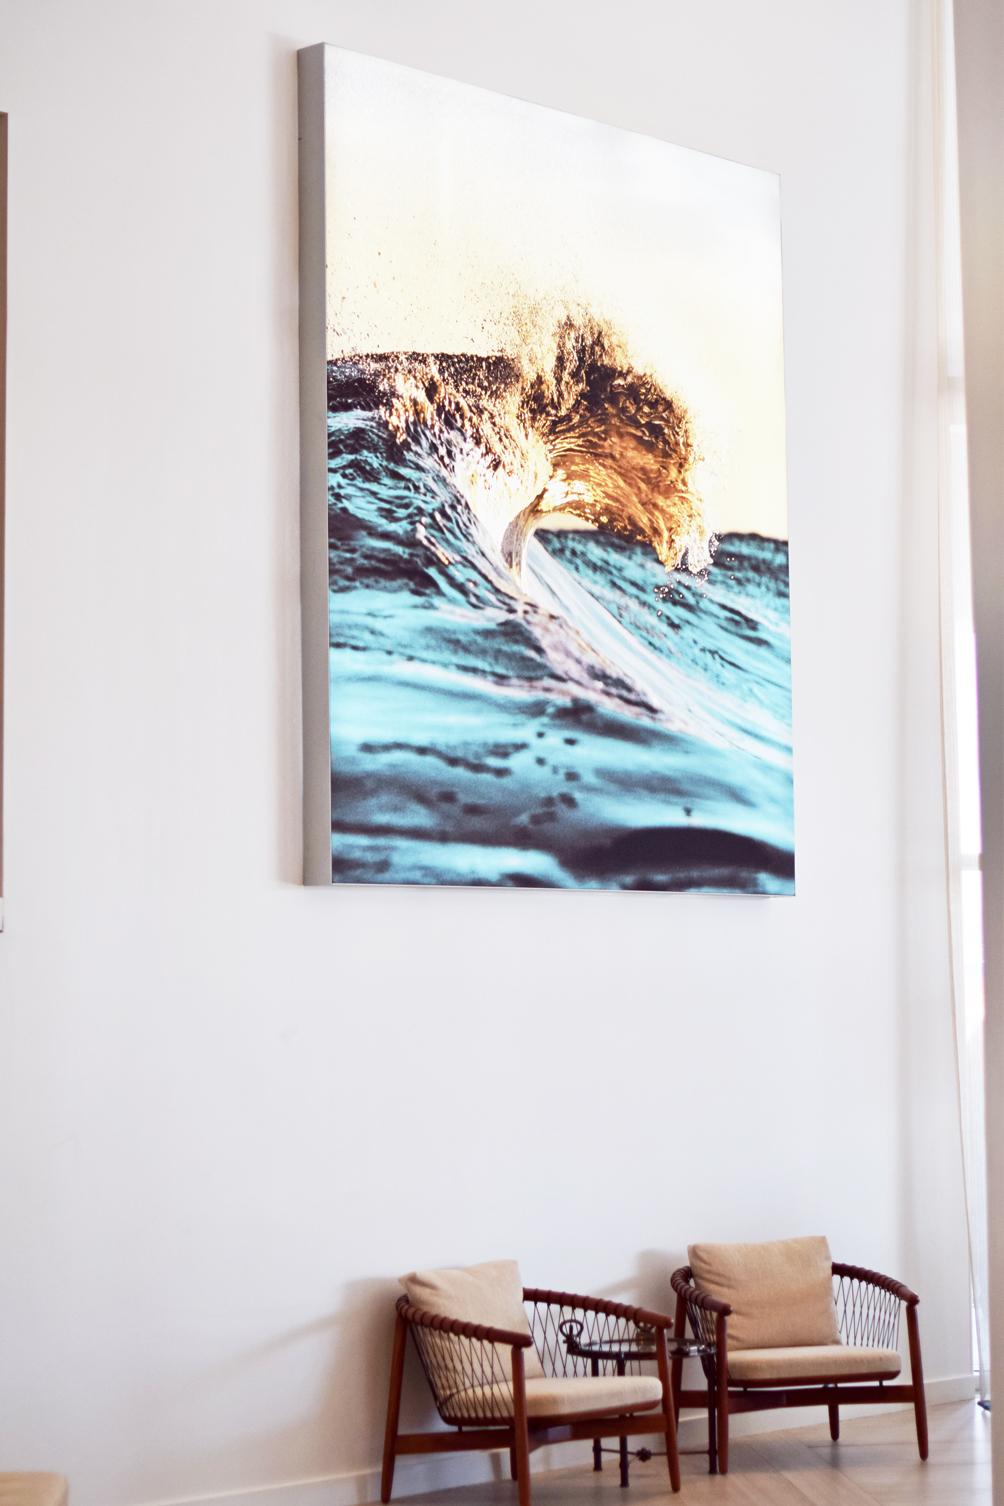 ocean wave art work in the Newport Marriott Rhode Island